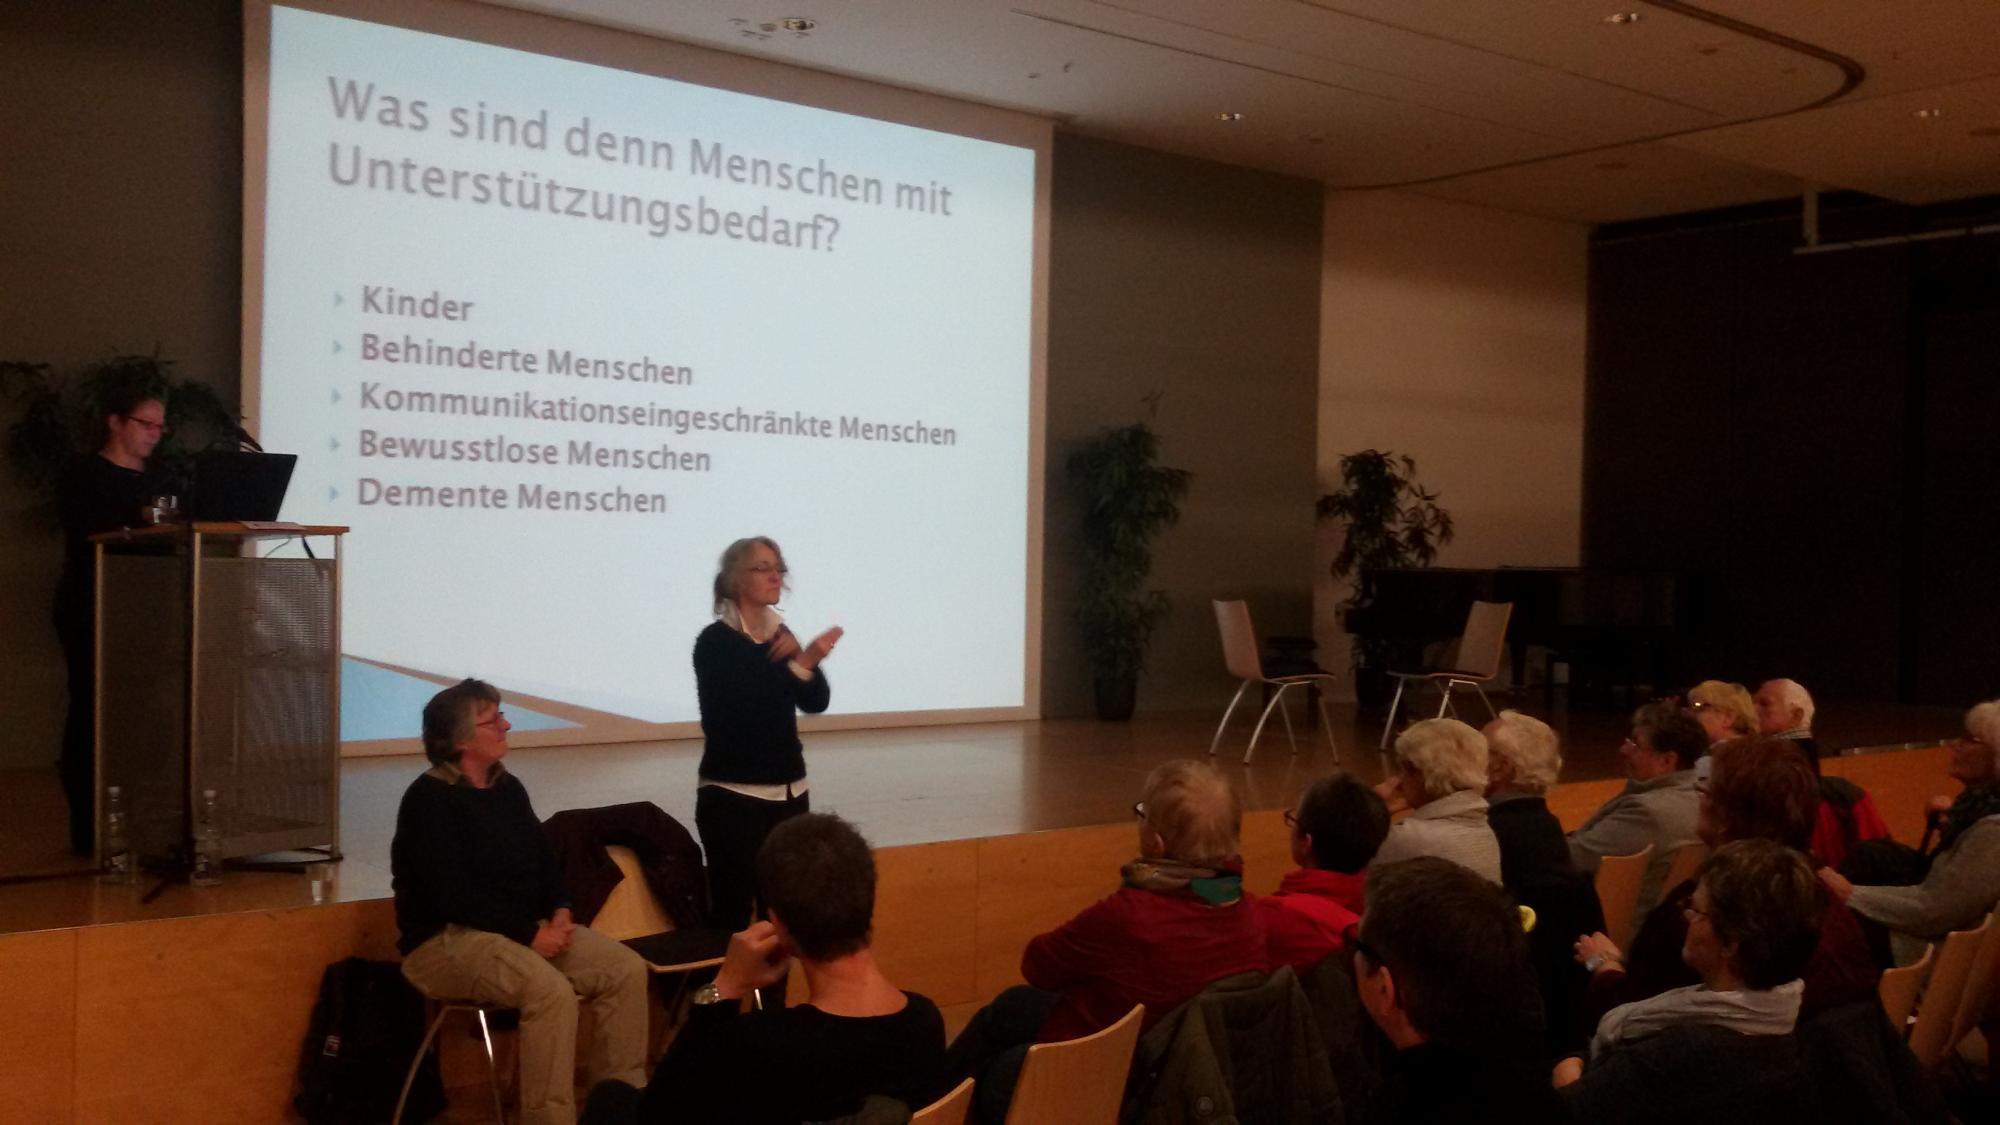 Fr. Dr. Klöck erzählt aus der Perspektive von Menschen mit Demenz.